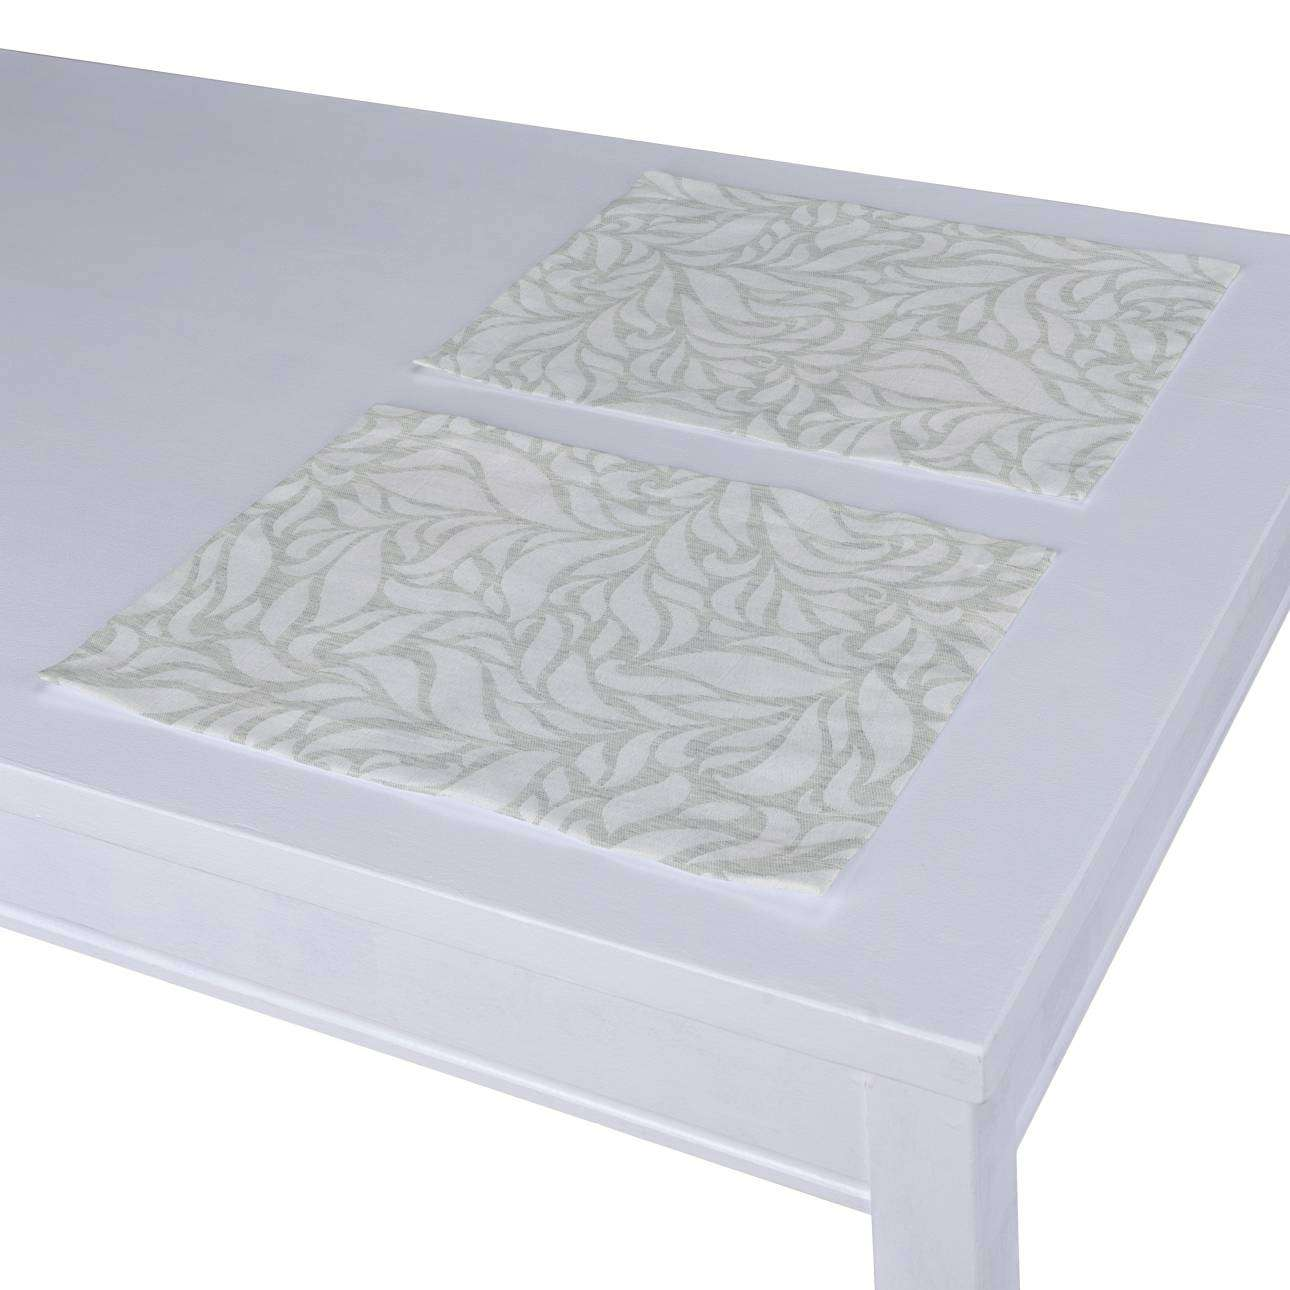 Stalo servetėlės/stalo padėkliukai – 2 vnt. 30 x 40 cm kolekcijoje Venice, audinys: 140-50